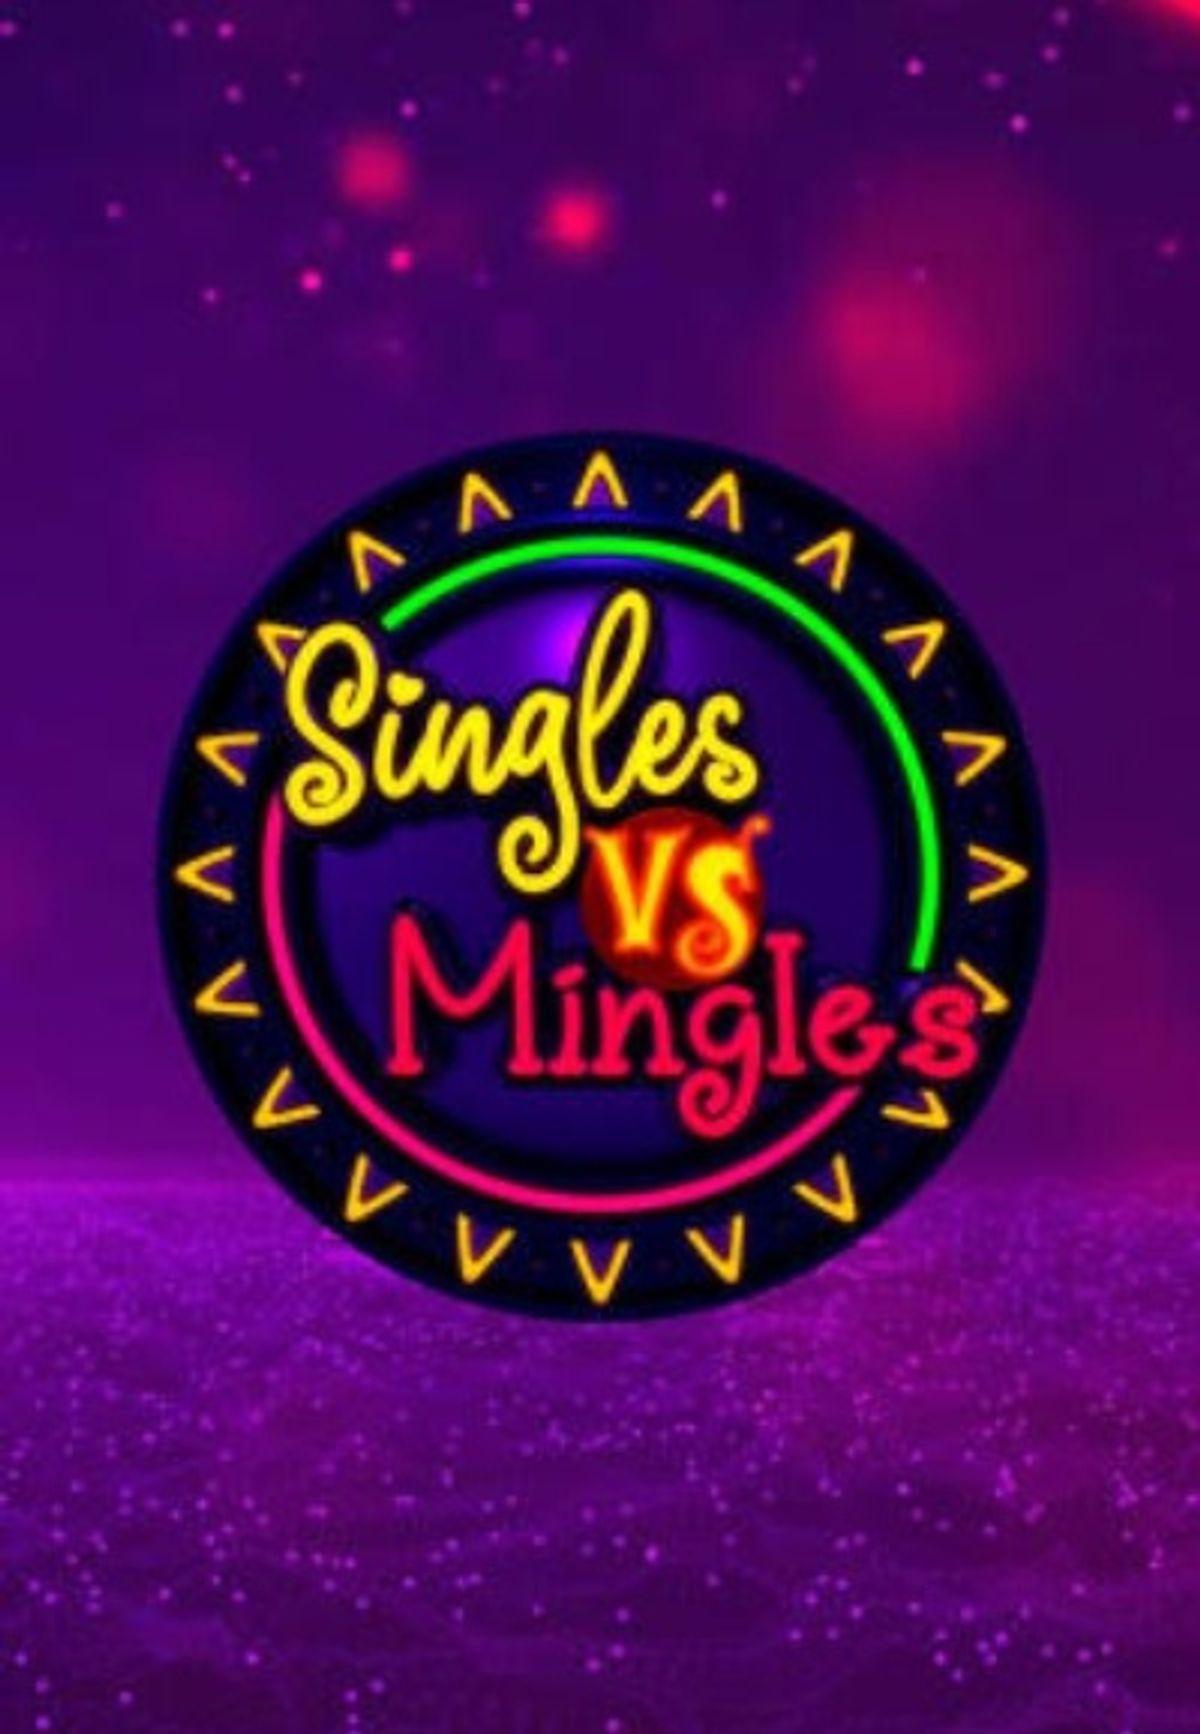 Singles Vs Mingles